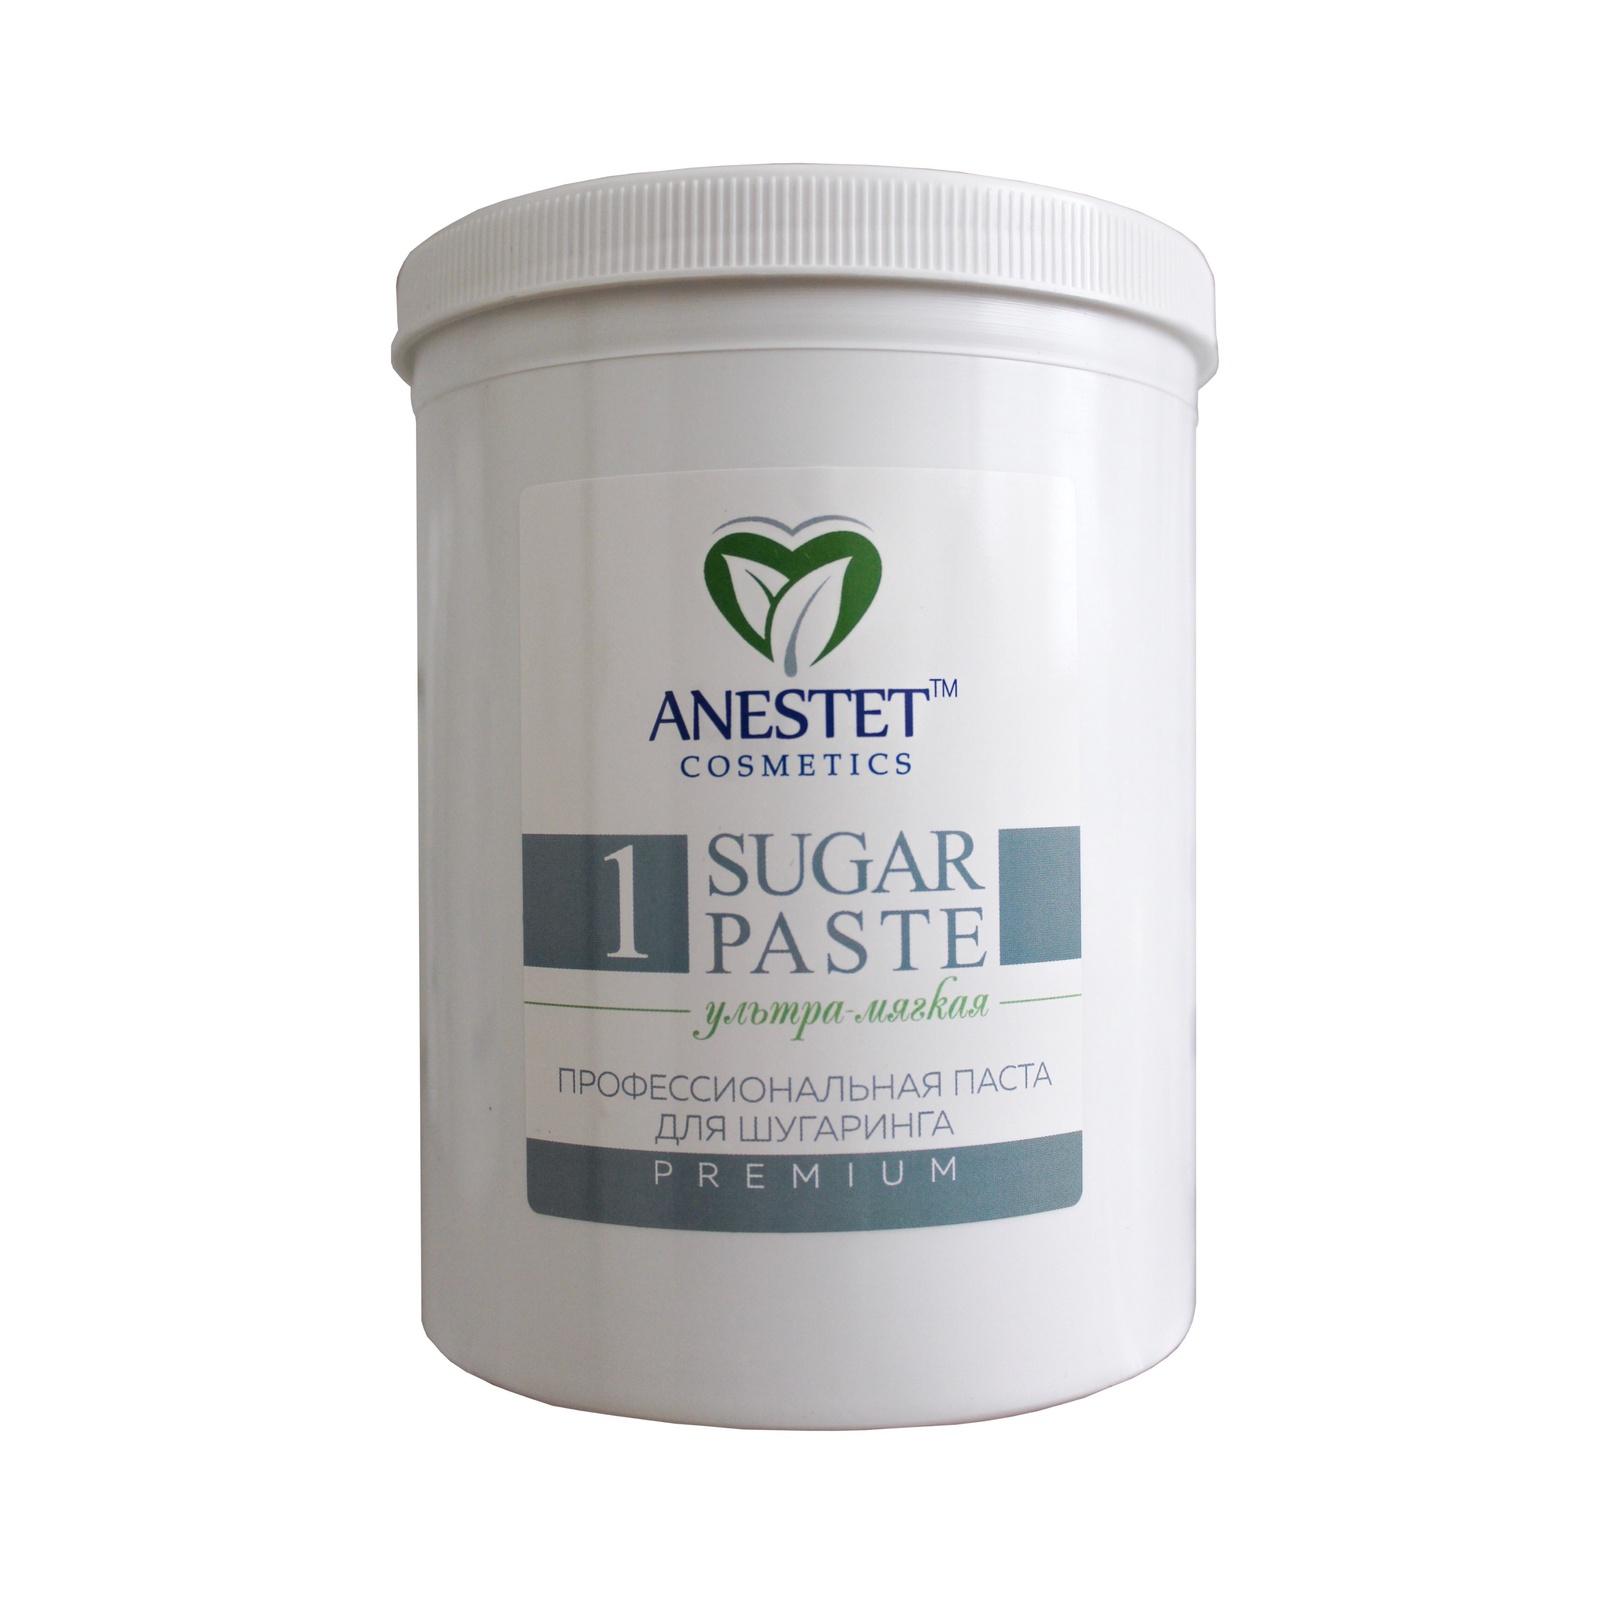 ANESTET Паста ультра-мягкая 1 для шугаринга (Анестет), 1500 гр.